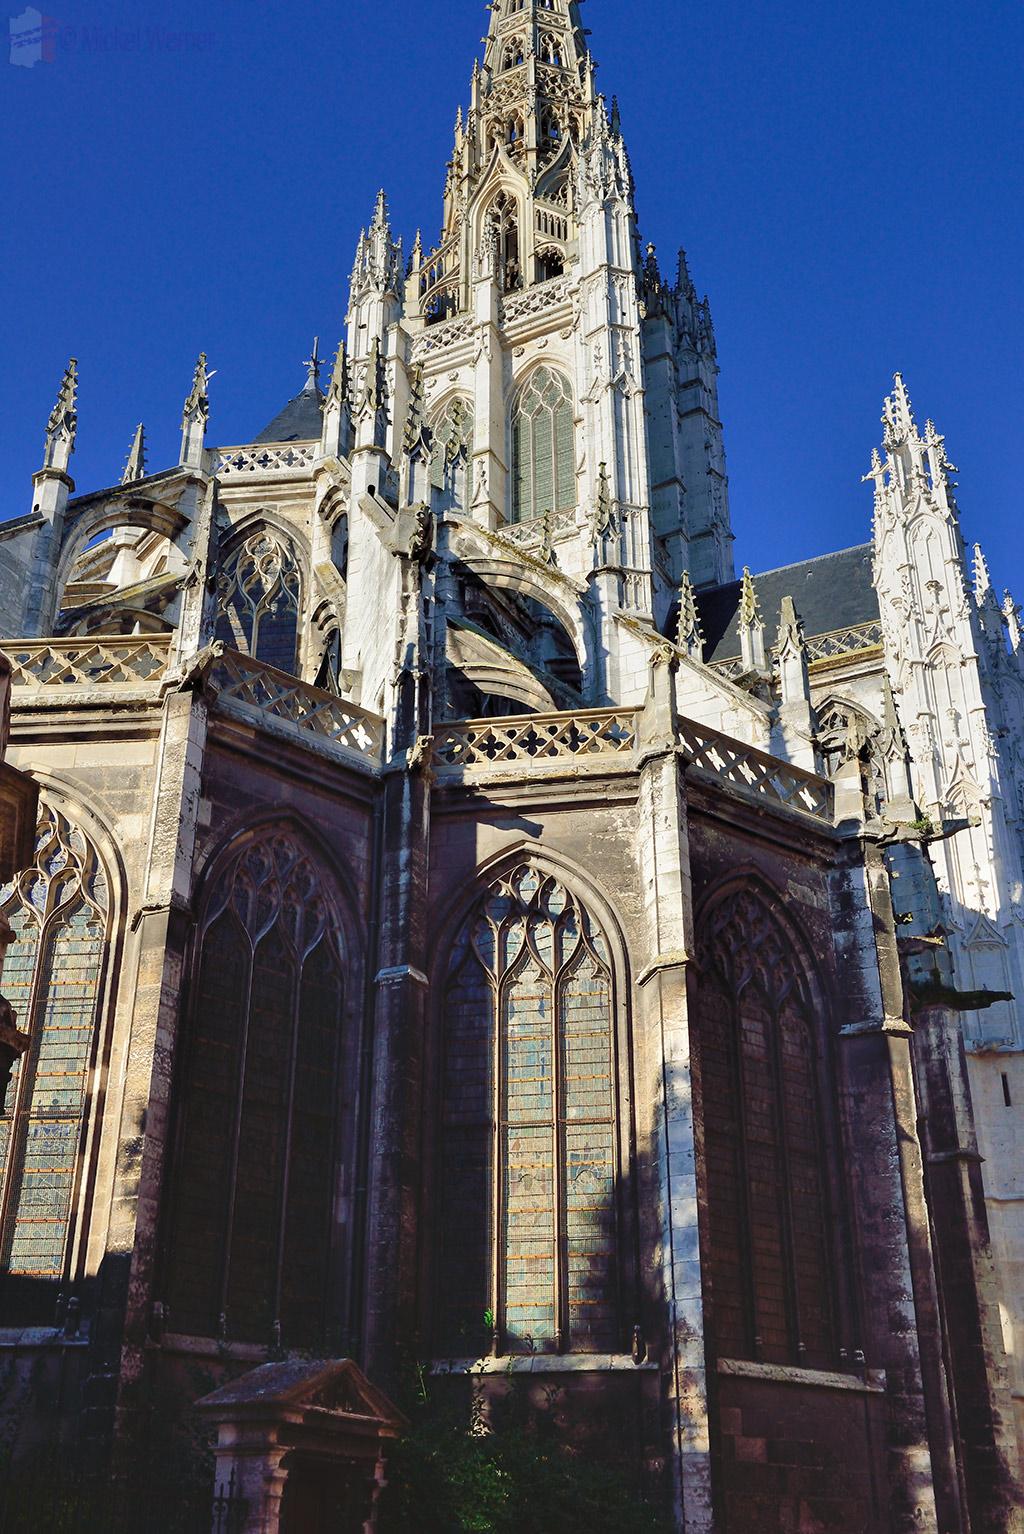 Saint-Maclou church